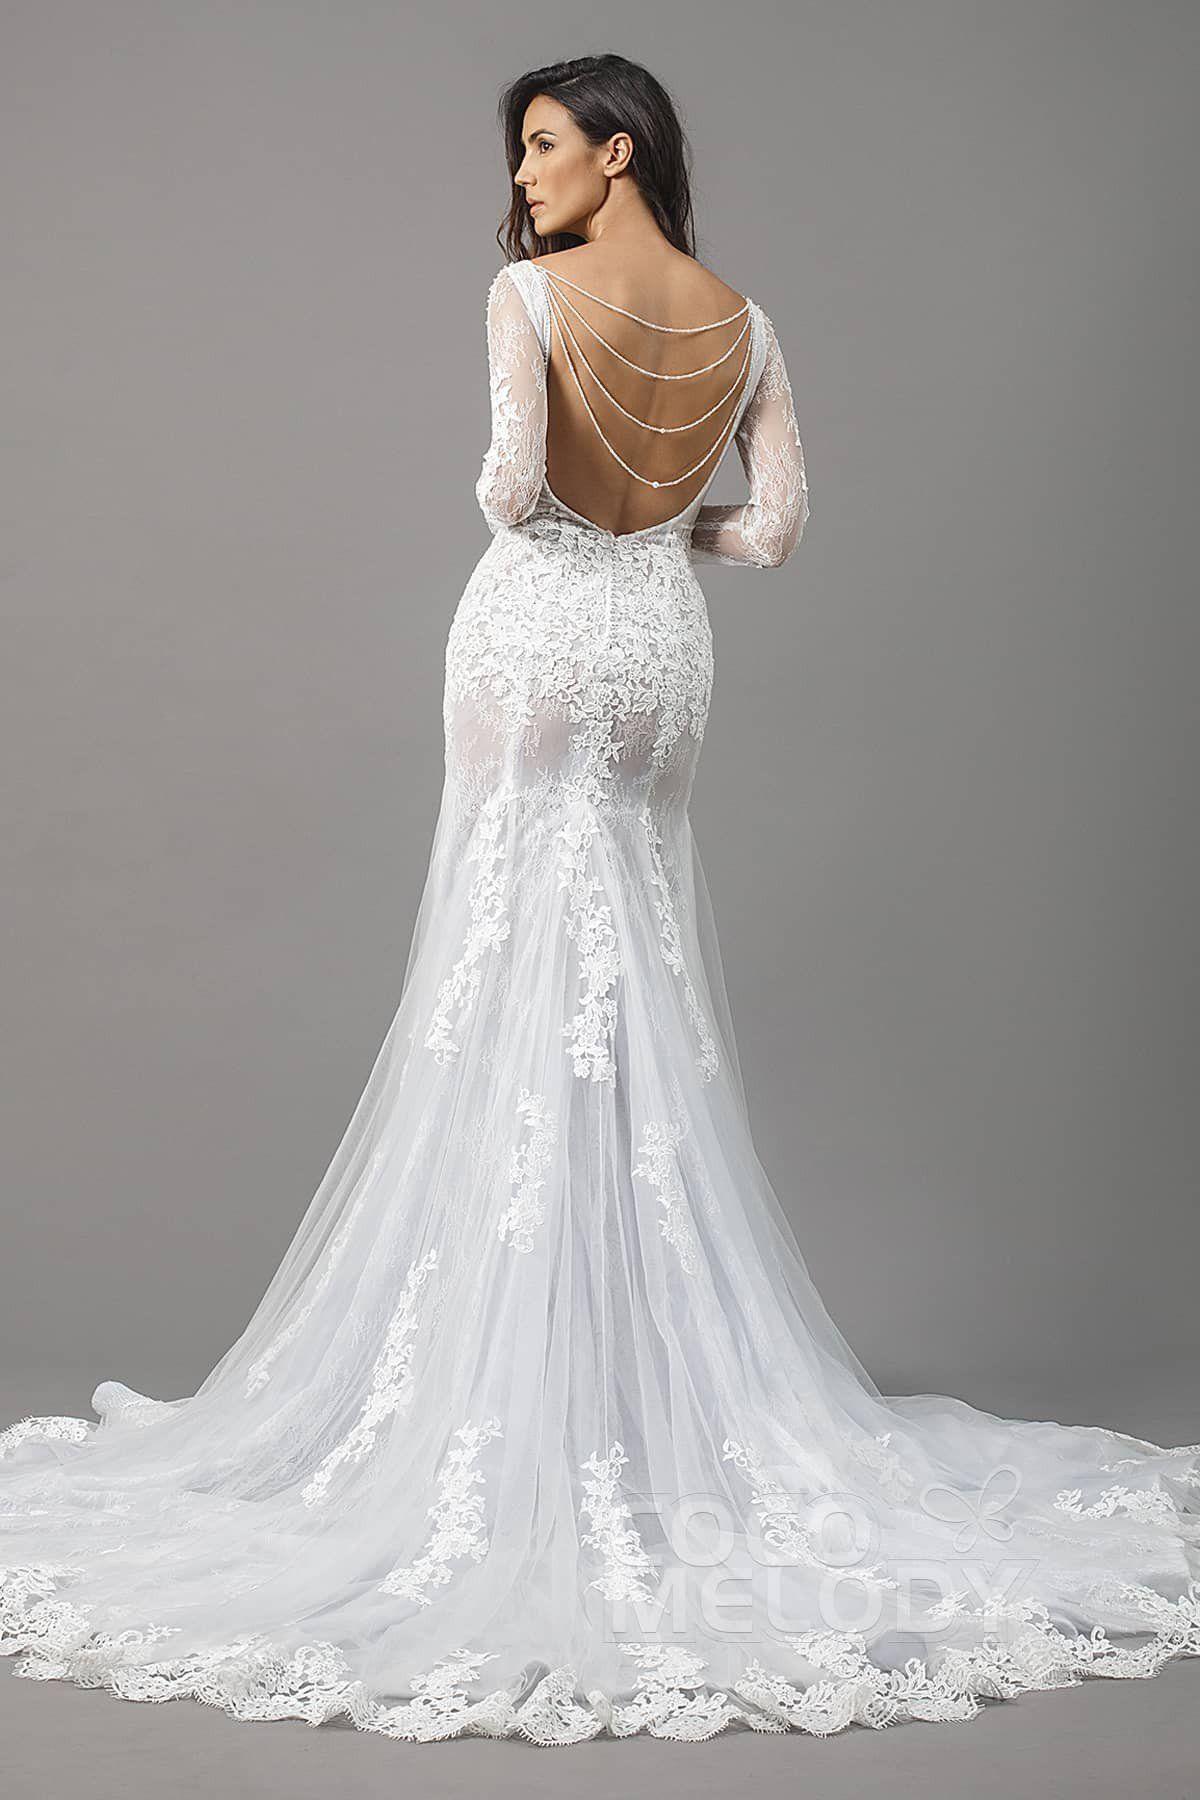 Usd 799 Trumpet Mermaid Tulle Wedding Dress Appliques Ld5064 Wedding Gowns Mermaid Trumpet Wedding Dress Tulle Wedding Dress [ 1800 x 1200 Pixel ]